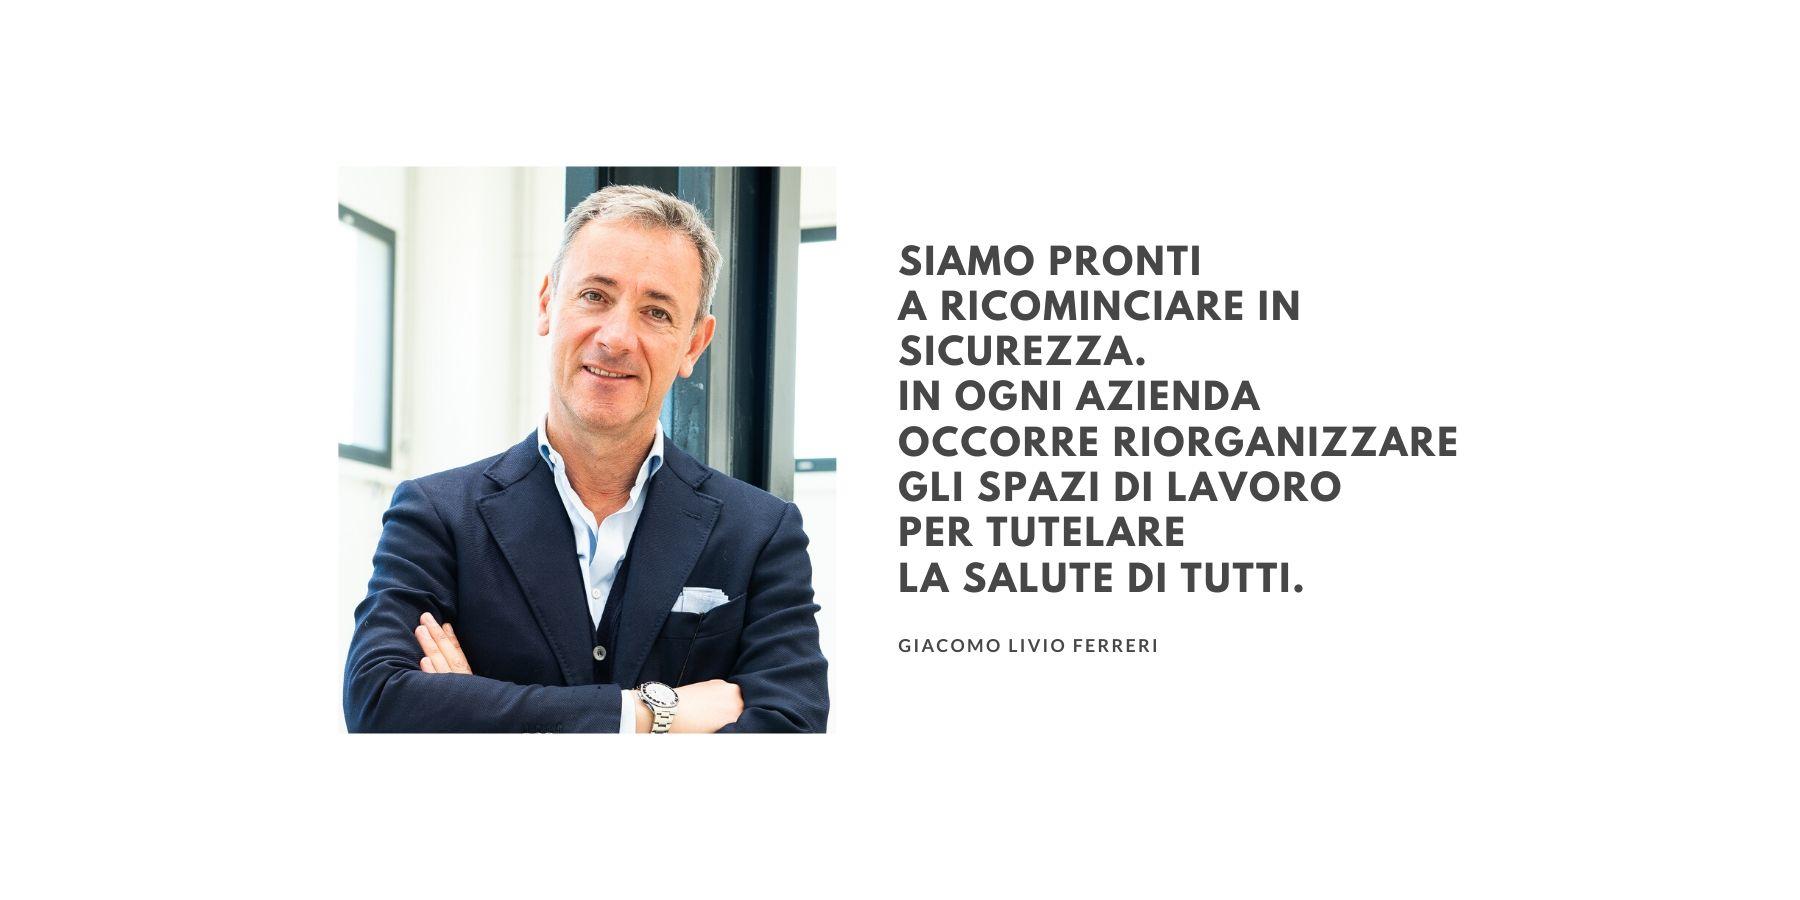 Giacomo Livio Ferreri